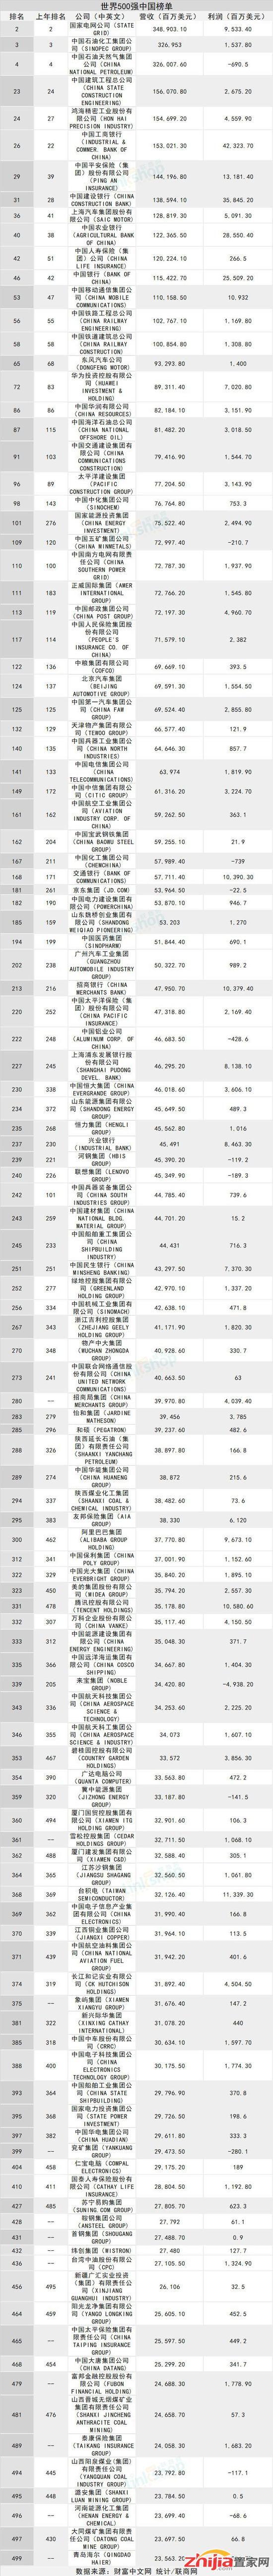 财富世界500强:上榜房企全部来自中国